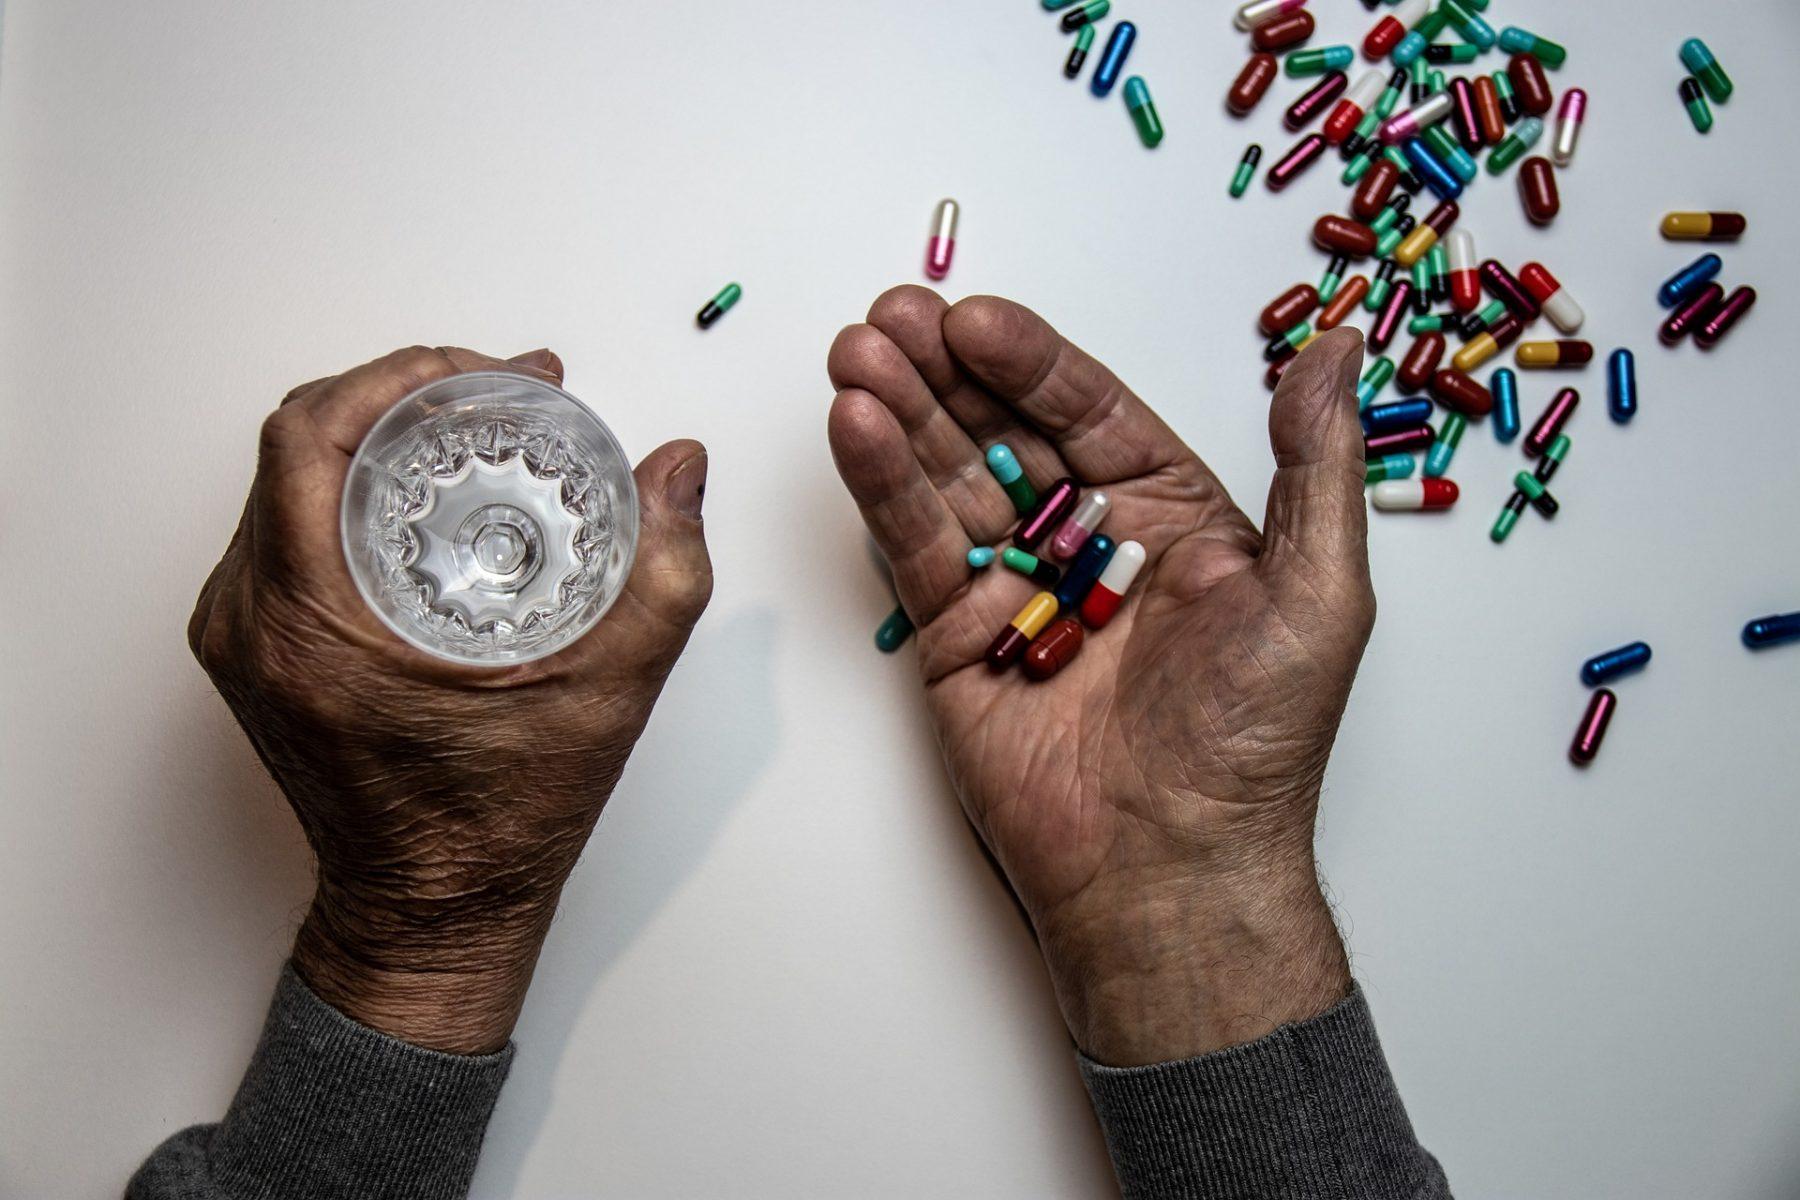 ΕΟΔΥ σήμερα: Σχετικά με την ορθολογική χρήση αντιβιοτικών